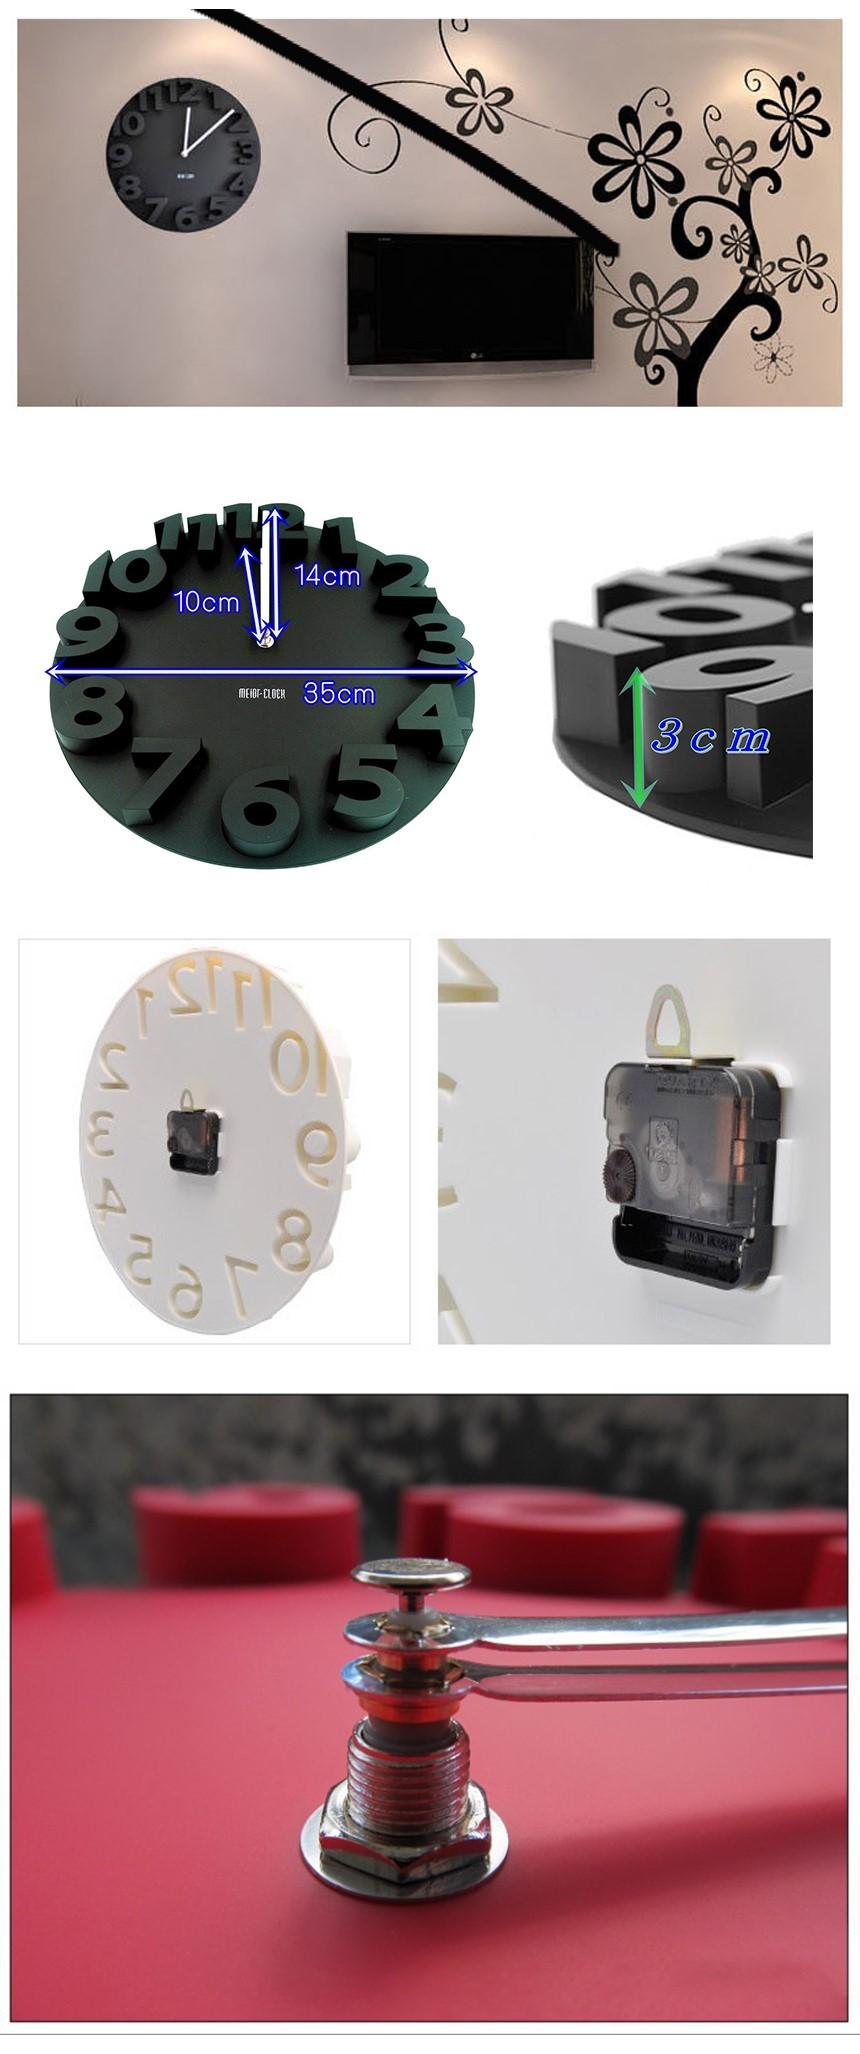 저소음 3D 입체 벽시계 인테리어벽시계 - 제이케이엠티알, 14,500원, 벽시계, 무소음/저소음